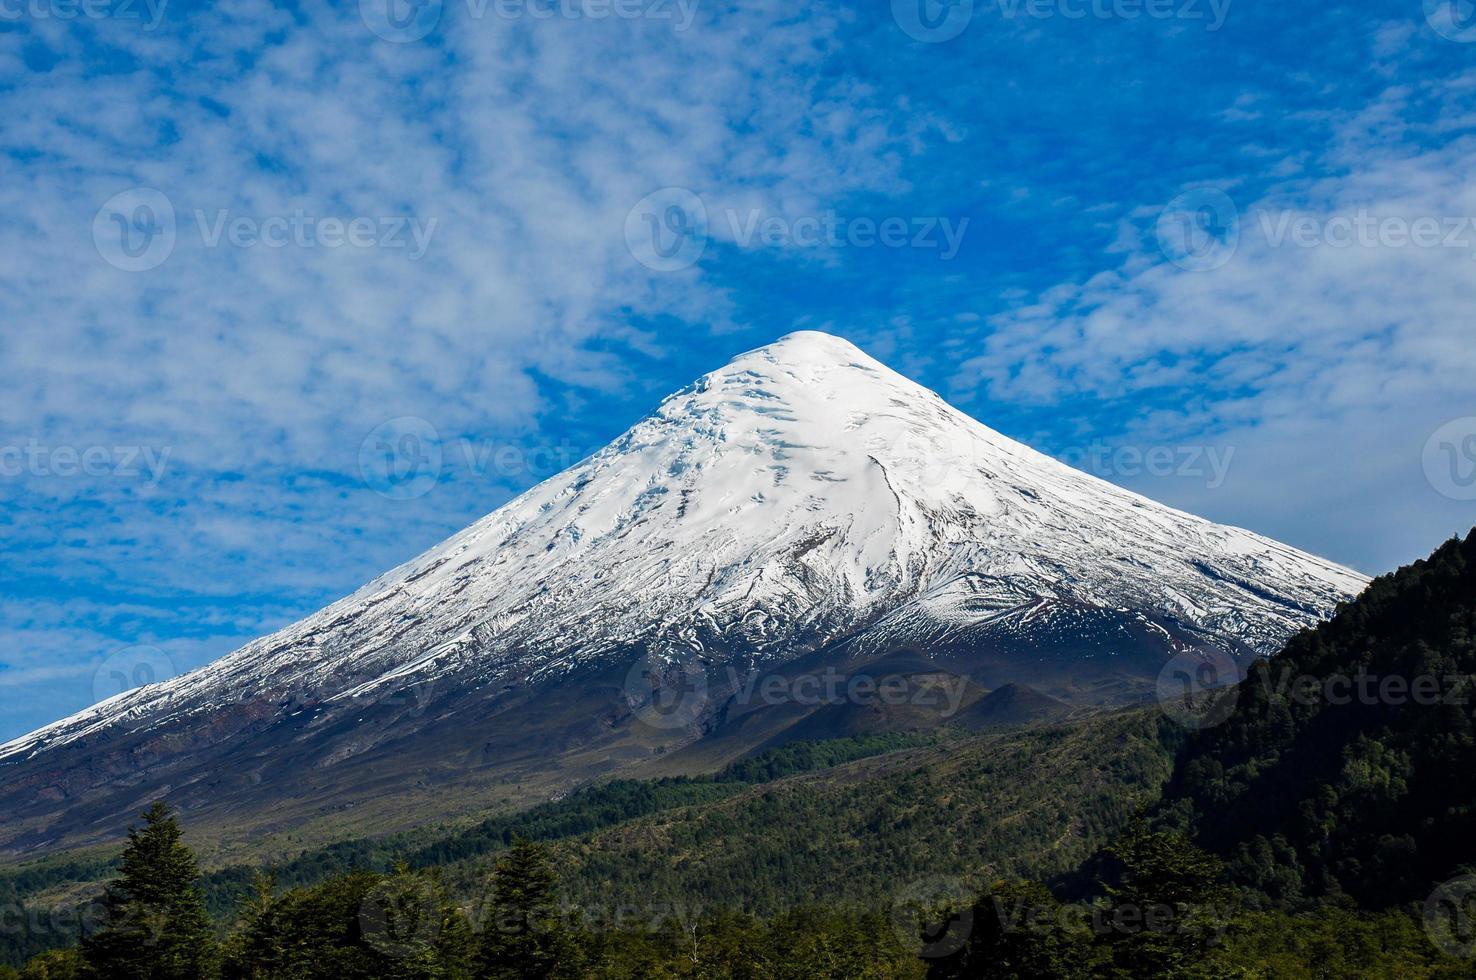 vulcano osorno visto dal lago todos los santos, Cile foto